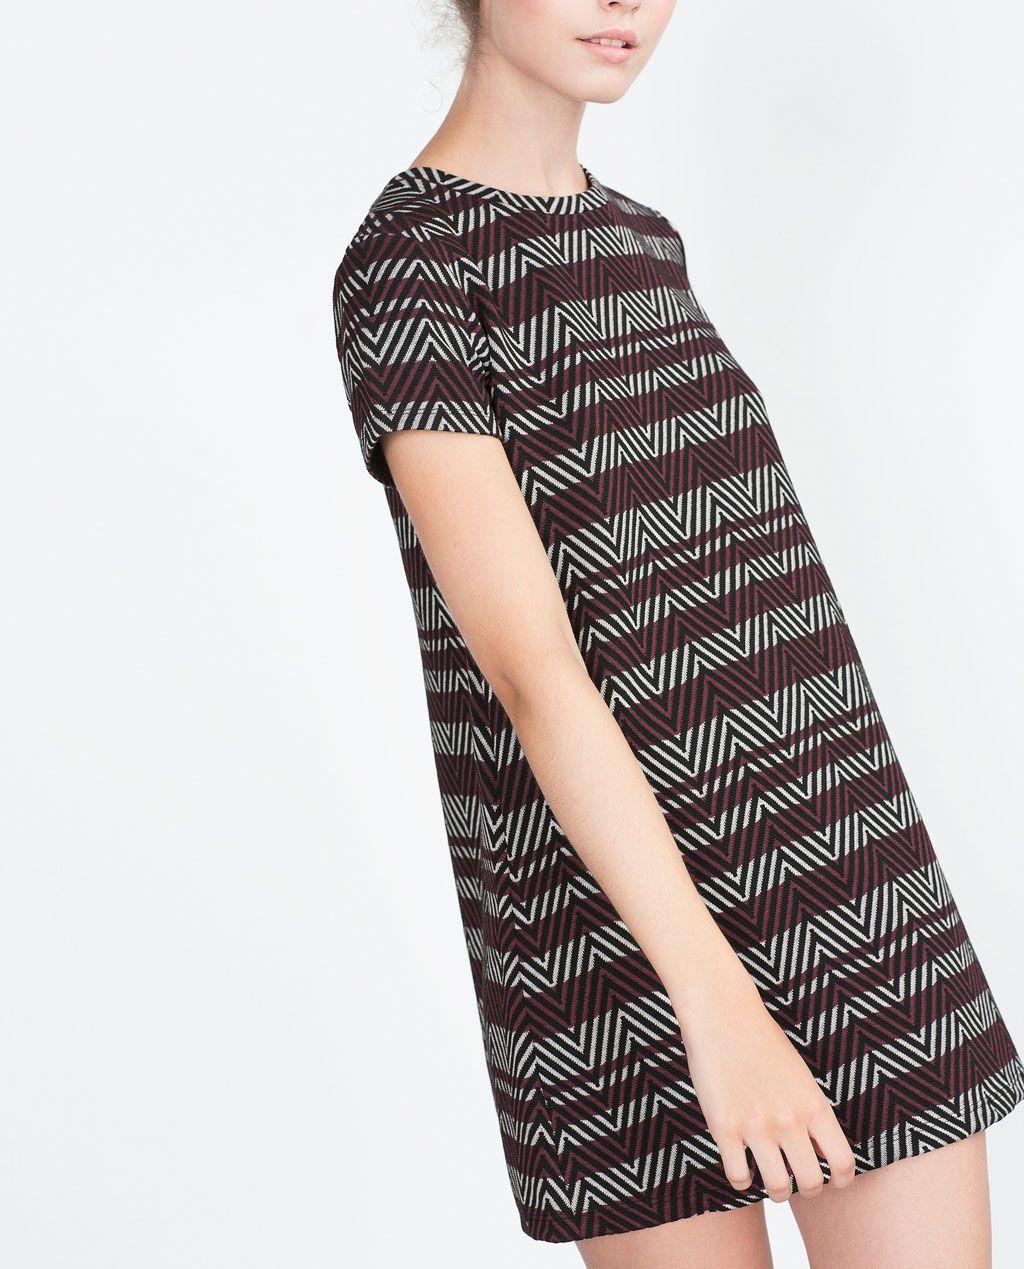 Jacquard dress mini dresses woman zara indonesia i n s p o jacquard dress mini dresses woman zara indonesia stopboris Choice Image